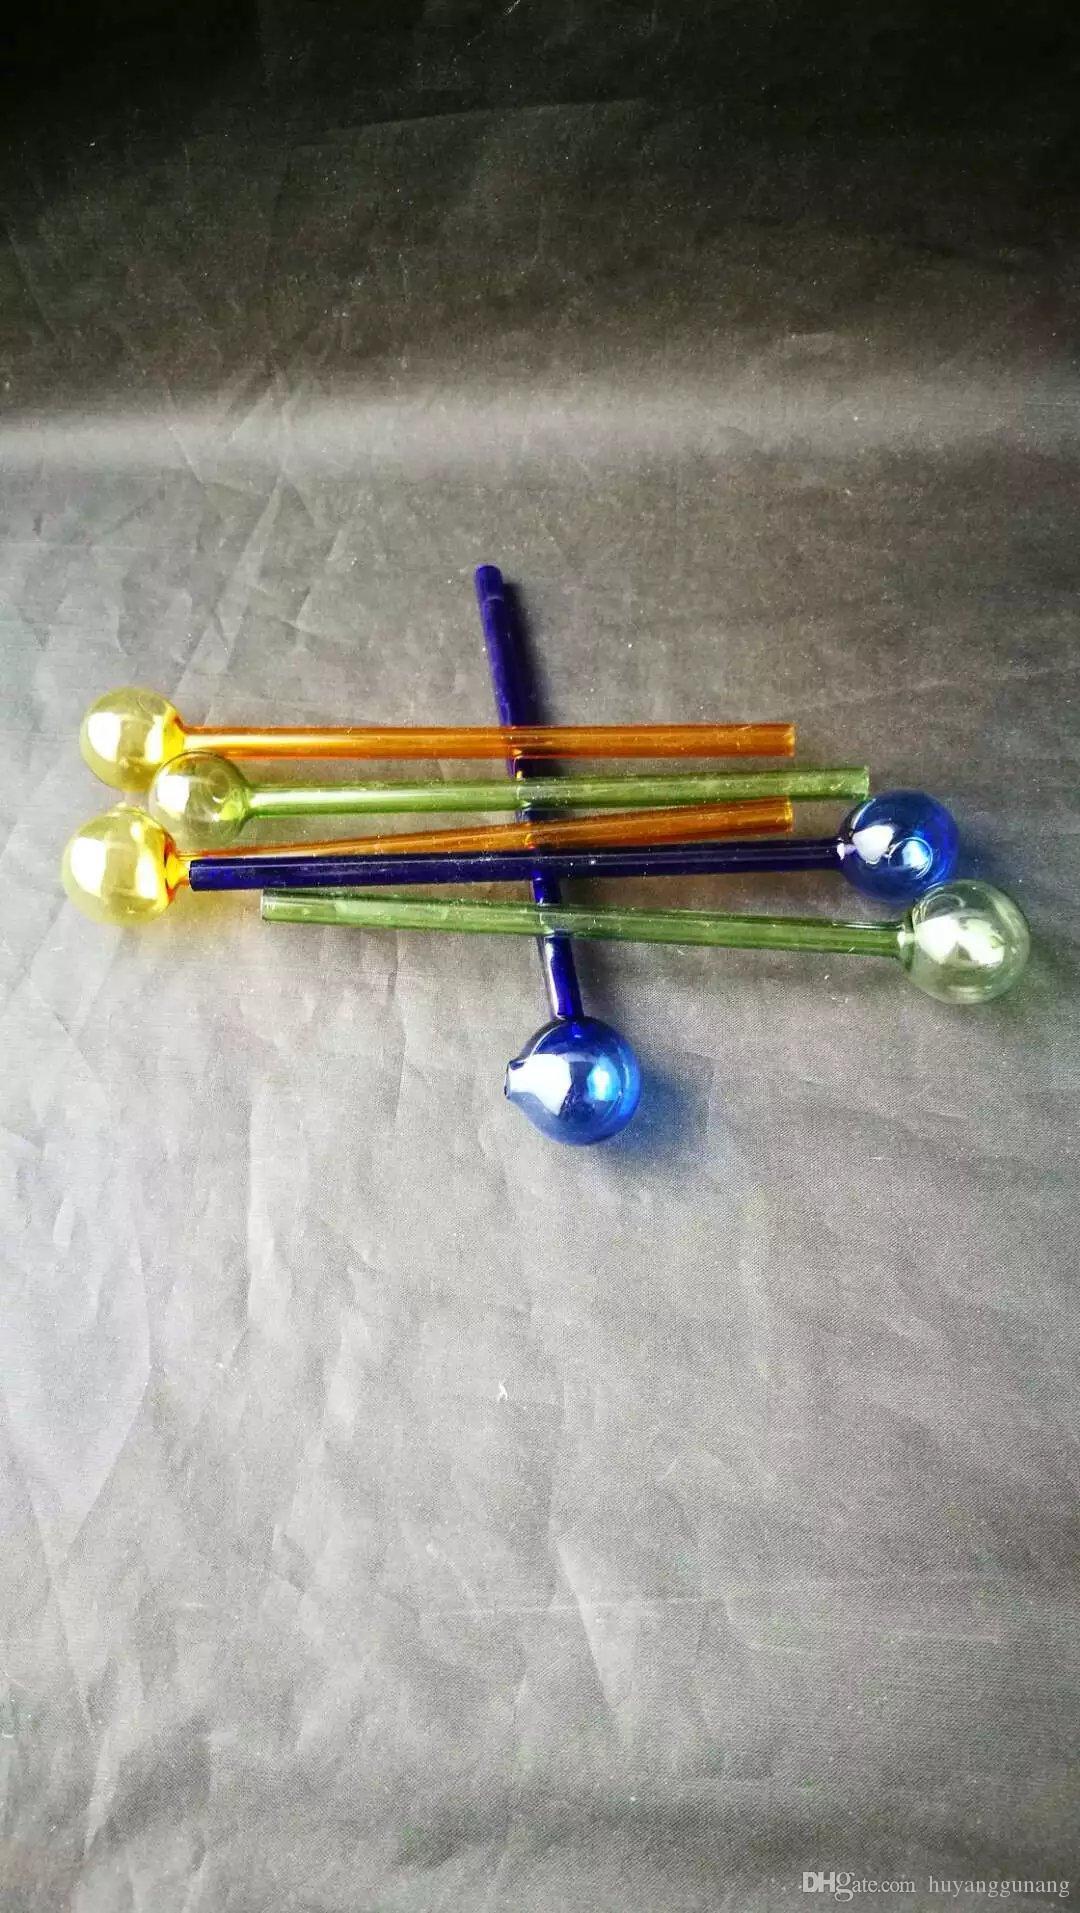 verre couleur pot droit bong gros brûleurs à mazout Tuyaux Les conduites d'eau en verre Oil Pipe Rigs Fumer, Livraison gratuite